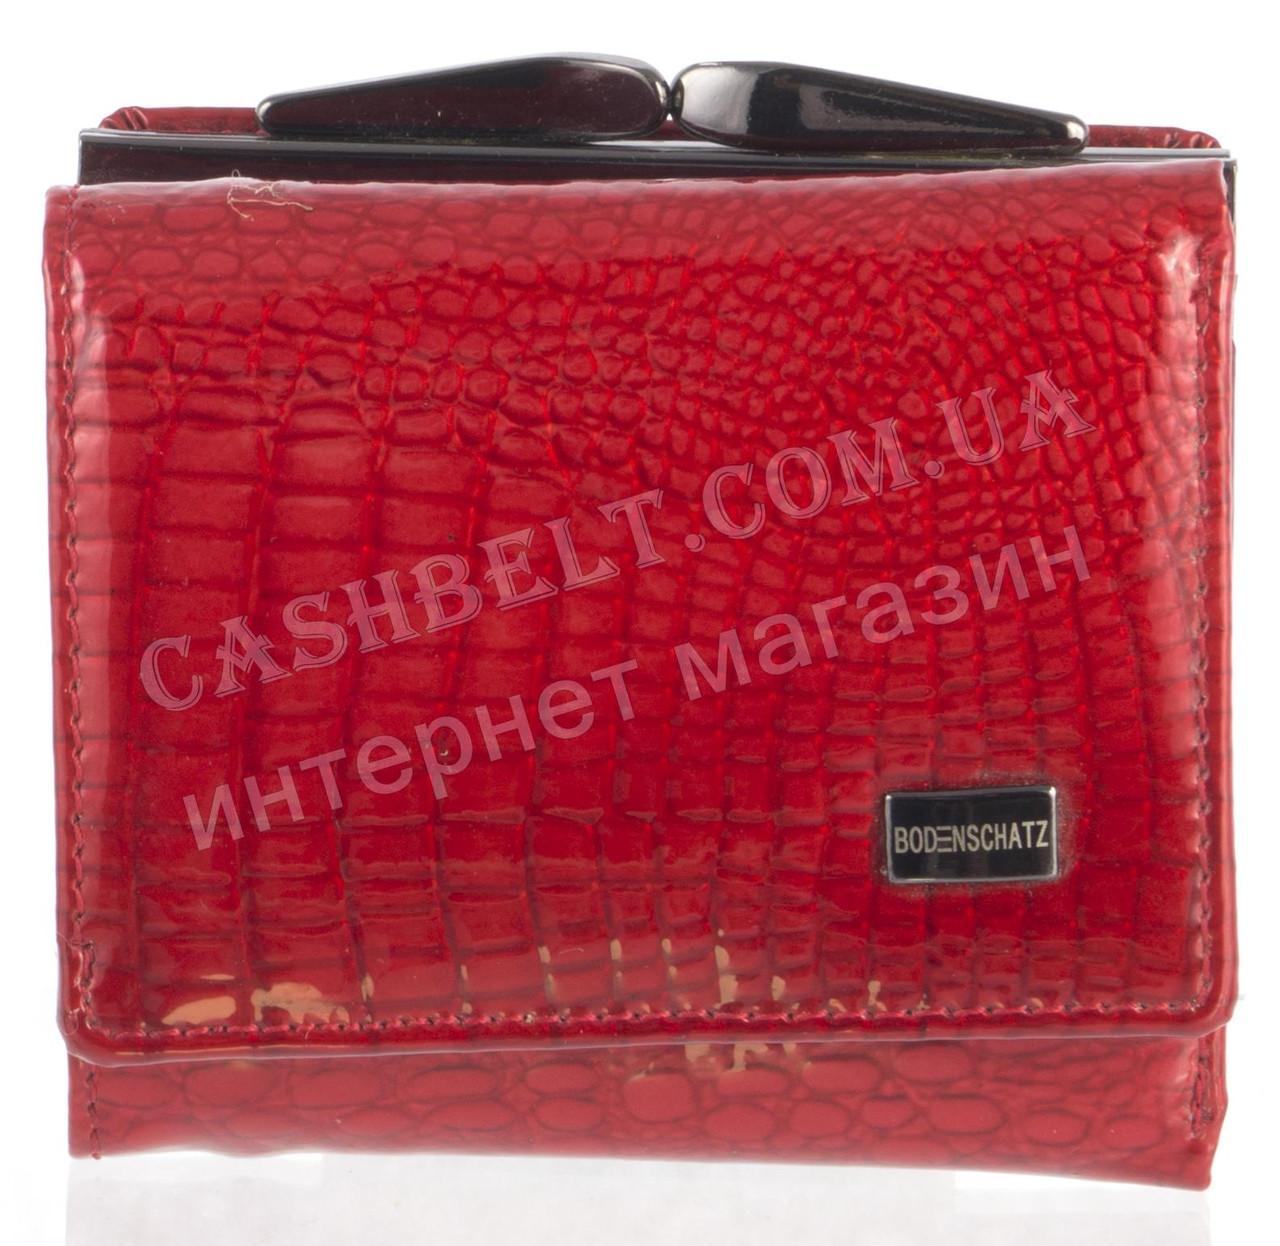 Малюсенький элитный надежный женский кожаный кошелек высокого качества Bodenschat art. 2186-44 красный лак